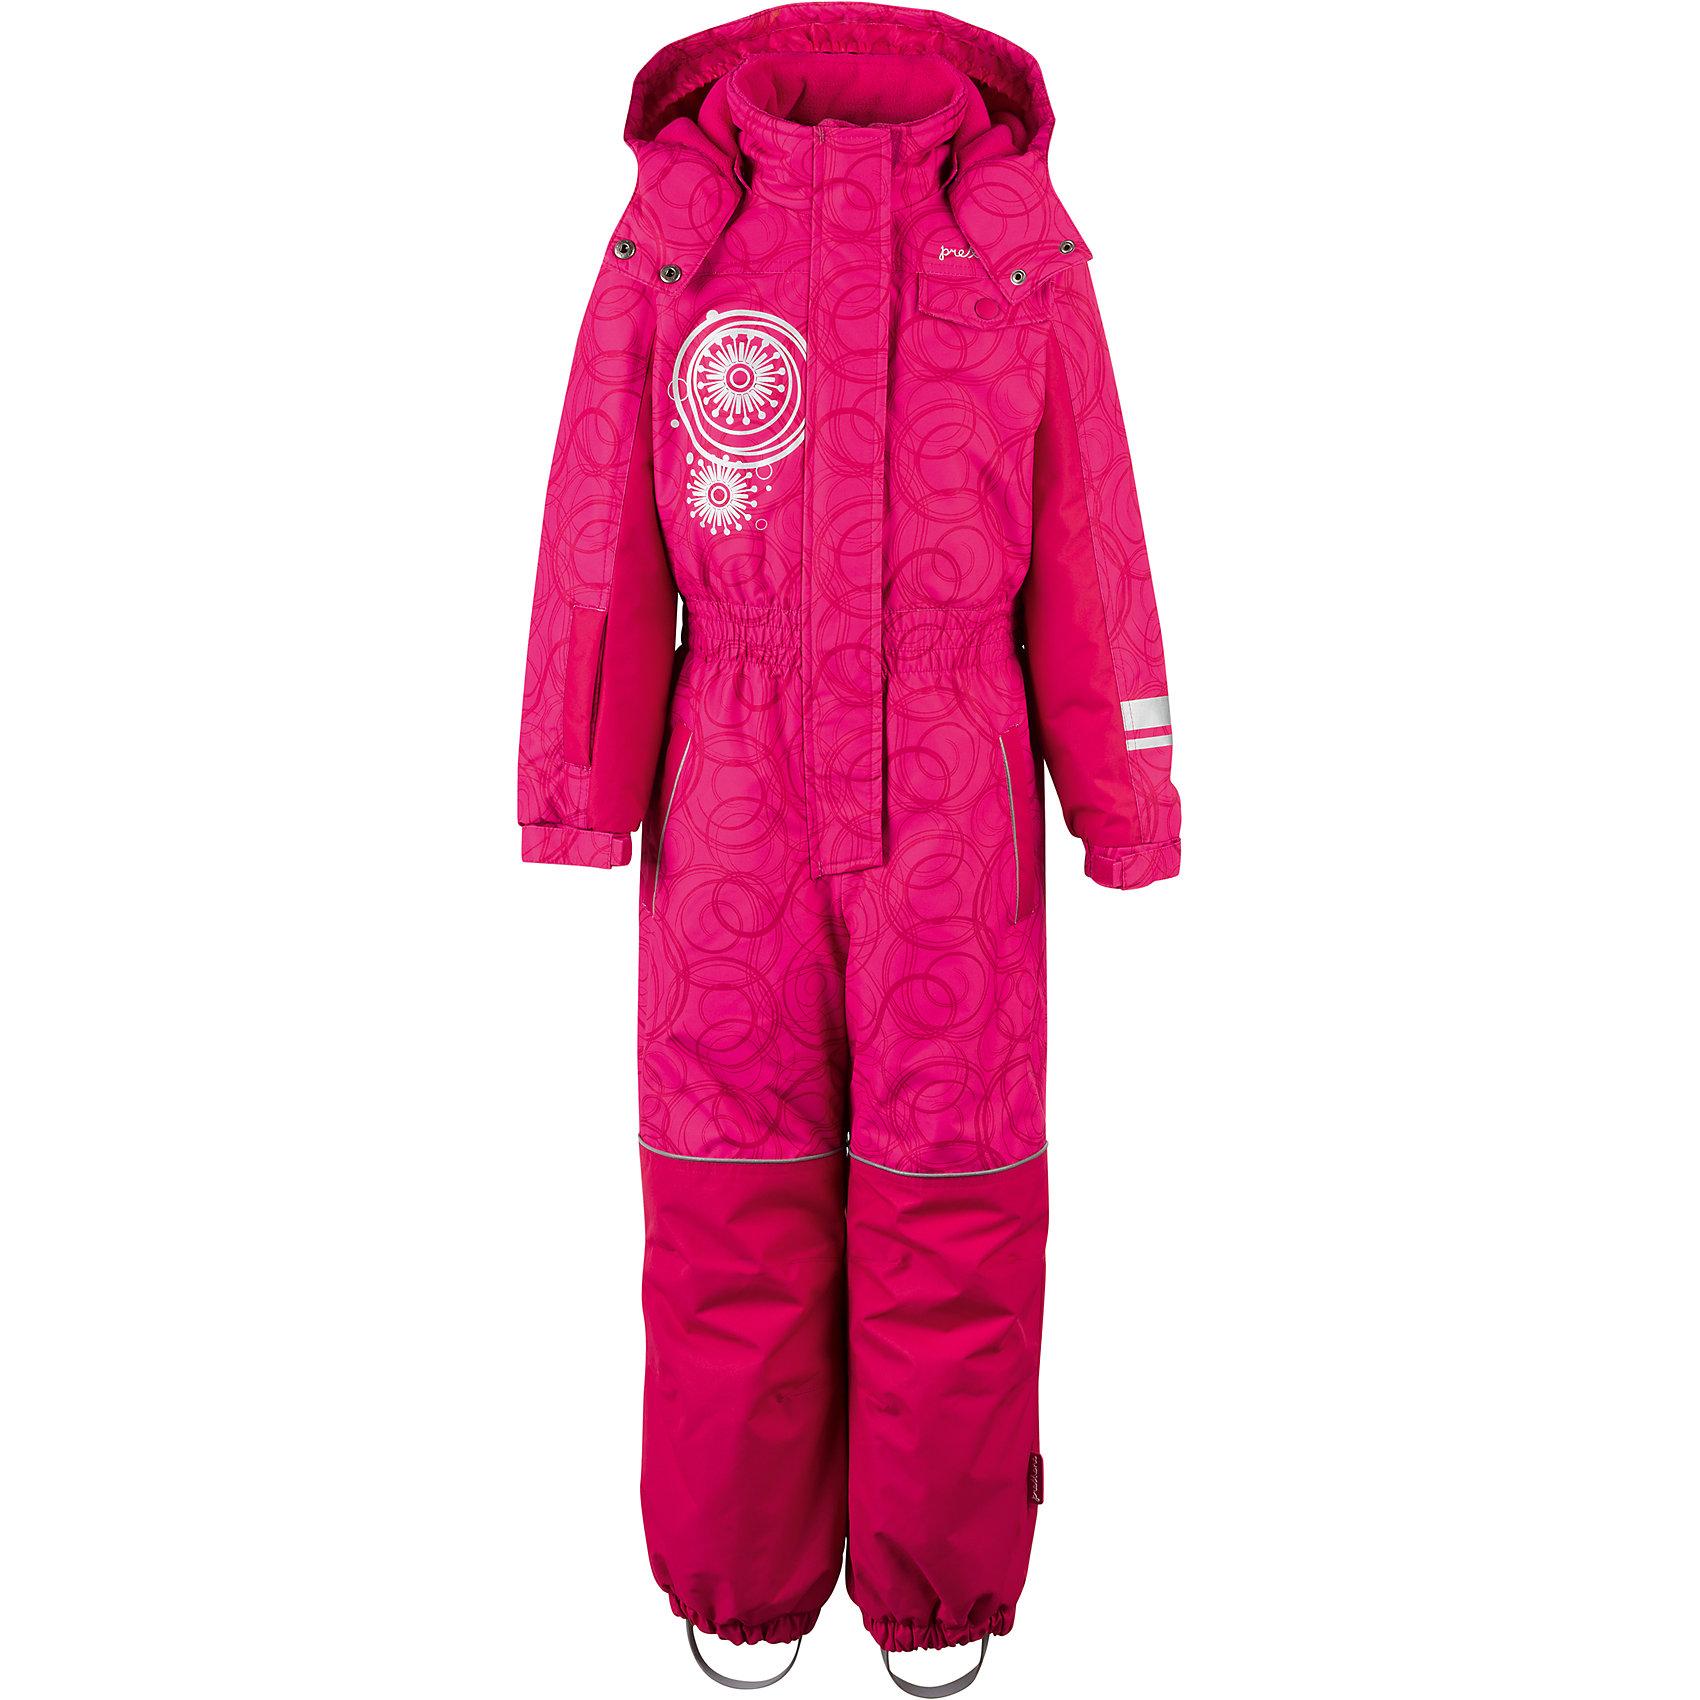 Комбинезон Premont для девочкиВерхняя одежда<br>Характеристики товара:<br><br>• цвет: фуксия<br>• состав ткани: Taslan<br>• подкладка: Polar fleece, Taffeta<br>• утеплитель: Tech-polyfill<br>• сезон: зима<br>• мембранное покрытие<br>• температурный режим: от -20 до +5<br>• водонепроницаемость: 5000 мм <br>• паропроницаемость: 5000 г/м2<br>• плотность утеплителя: 220 г/м2<br>• капюшон: съемный,  без меха<br>• застежка: молния<br>• страна бренда: Канада<br>• страна изготовитель: Китай<br><br>Зимний комбинезон для ребенка снабжен штрипками, внутренними эластичными лямками и светоотражающими элементами. Детский теплый комбинезон дополнен усилен на брючинах износостойкой тканью. Мембранный детский комбинезон легко надевается благодаря удлиненной молнии. <br><br>Комбинезон для девочки Premont (Премонт) можно купить в нашем интернет-магазине.<br><br>Ширина мм: 356<br>Глубина мм: 10<br>Высота мм: 245<br>Вес г: 519<br>Цвет: розовый<br>Возраст от месяцев: 84<br>Возраст до месяцев: 96<br>Пол: Женский<br>Возраст: Детский<br>Размер: 128,92,98,104,110,116,122<br>SKU: 7088096